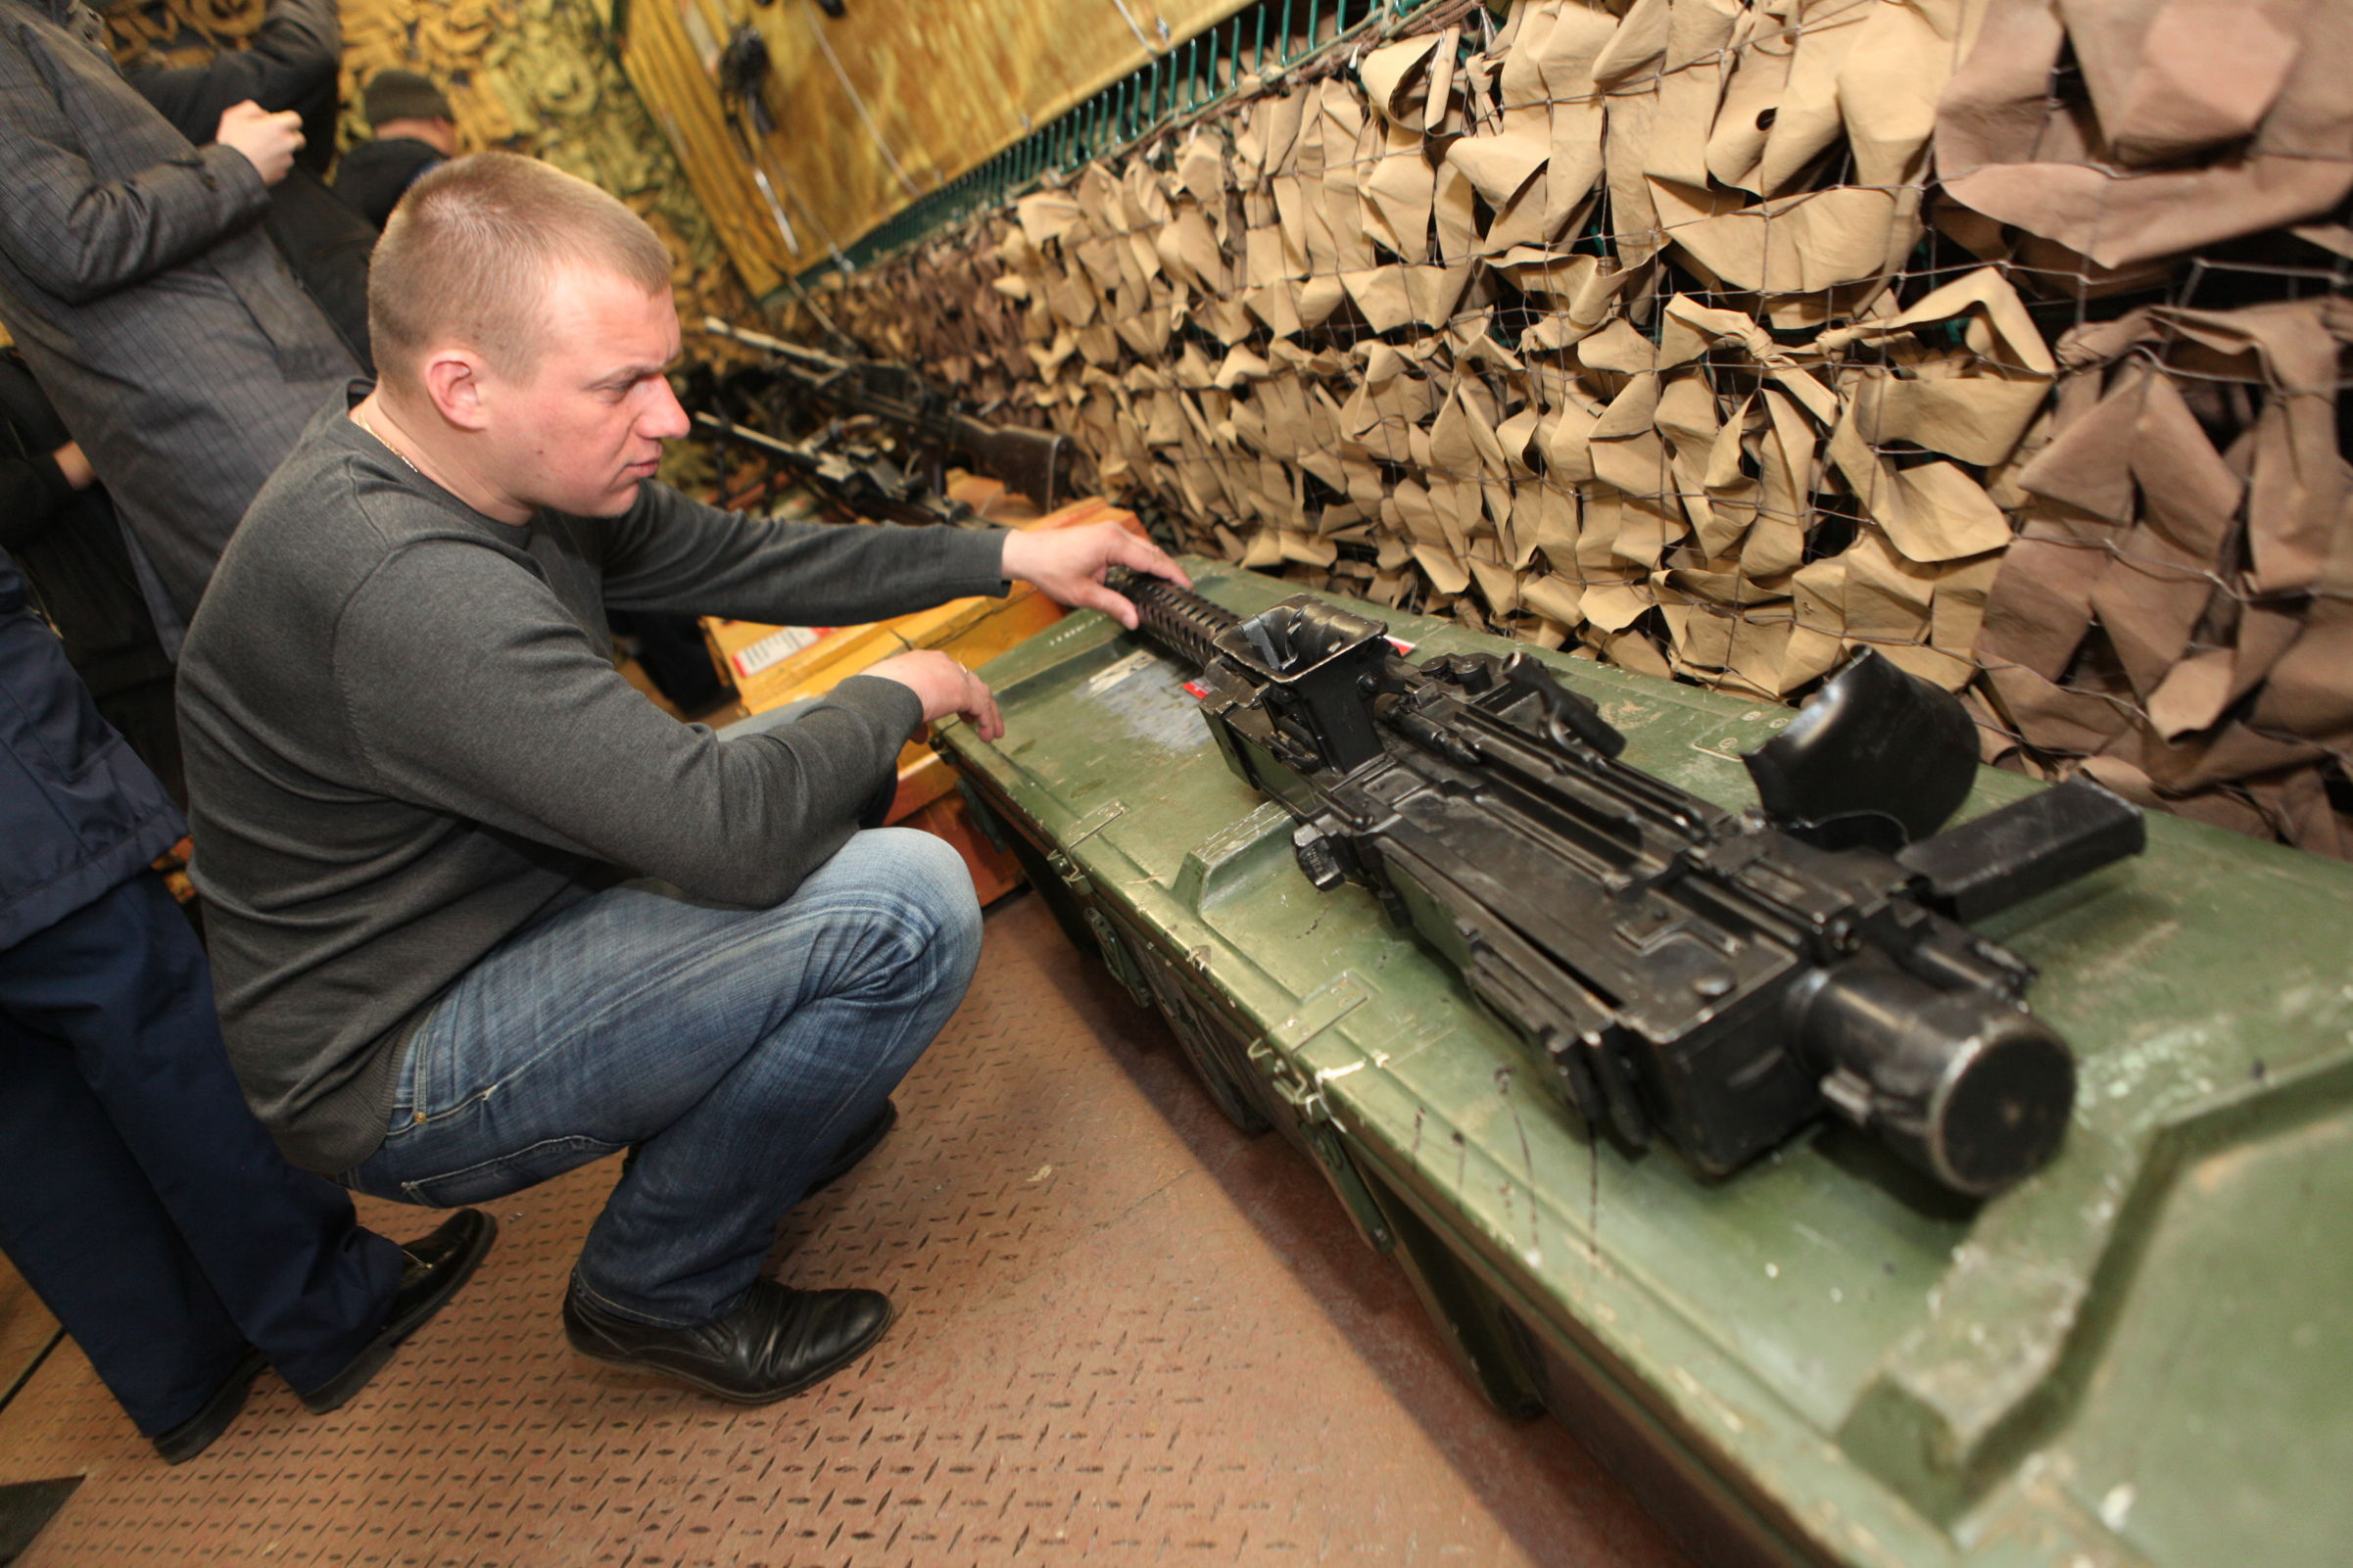 Ярославцы смогли увидеть трофейное оружие, захваченное во время операции в Сирии